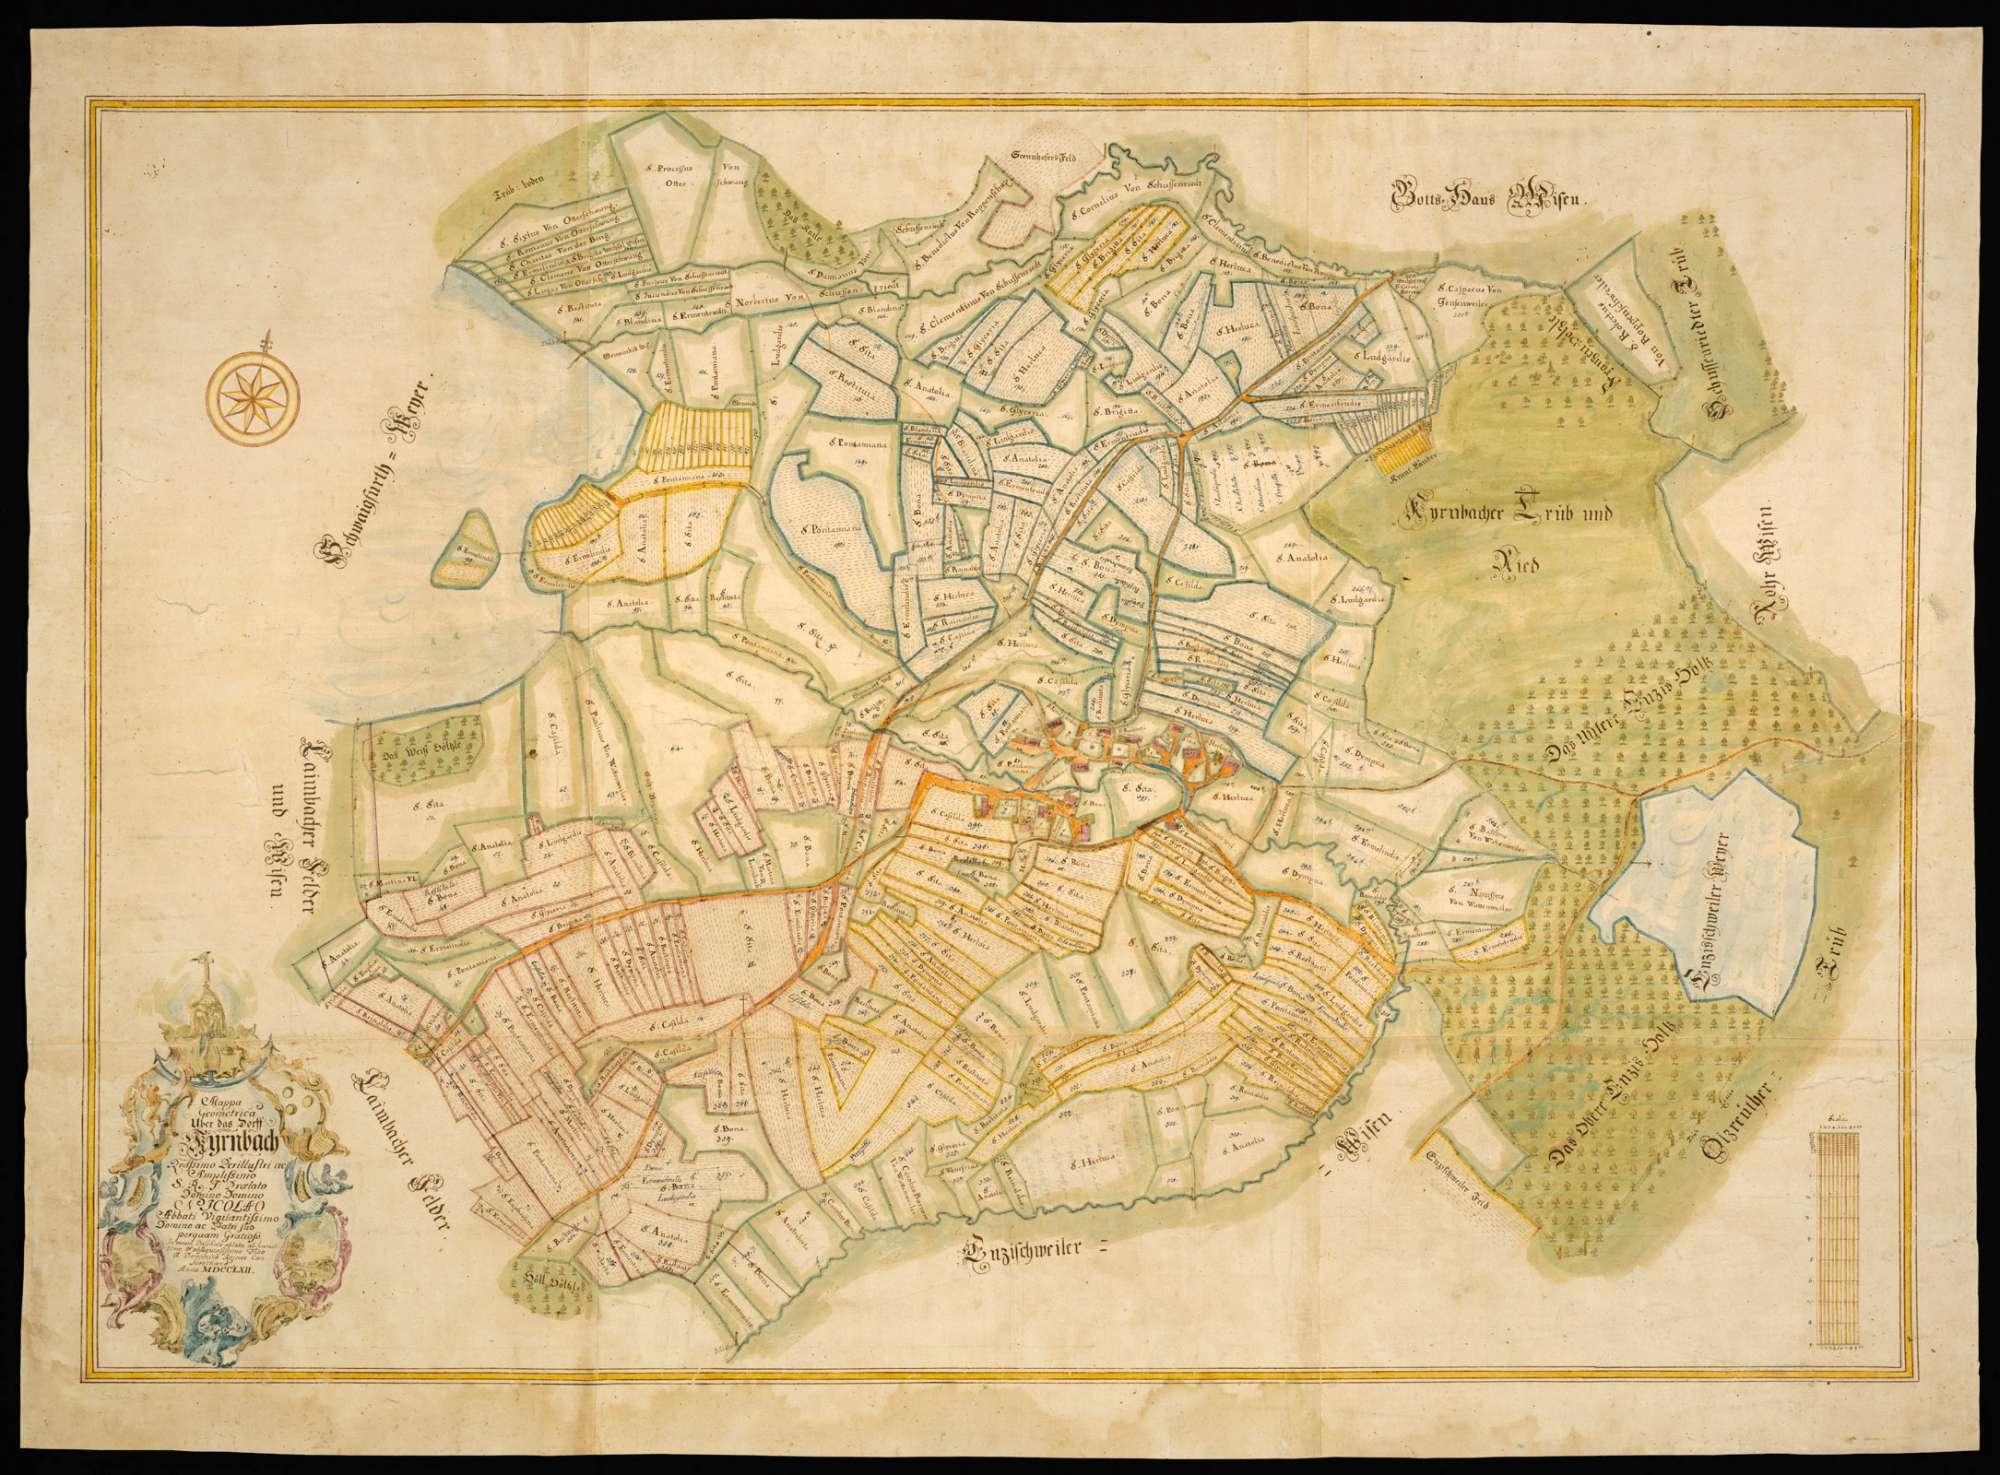 """Kürnbach """"Mappa Geometrica über das Dorf Kyrnbach..."""", Bild 2"""